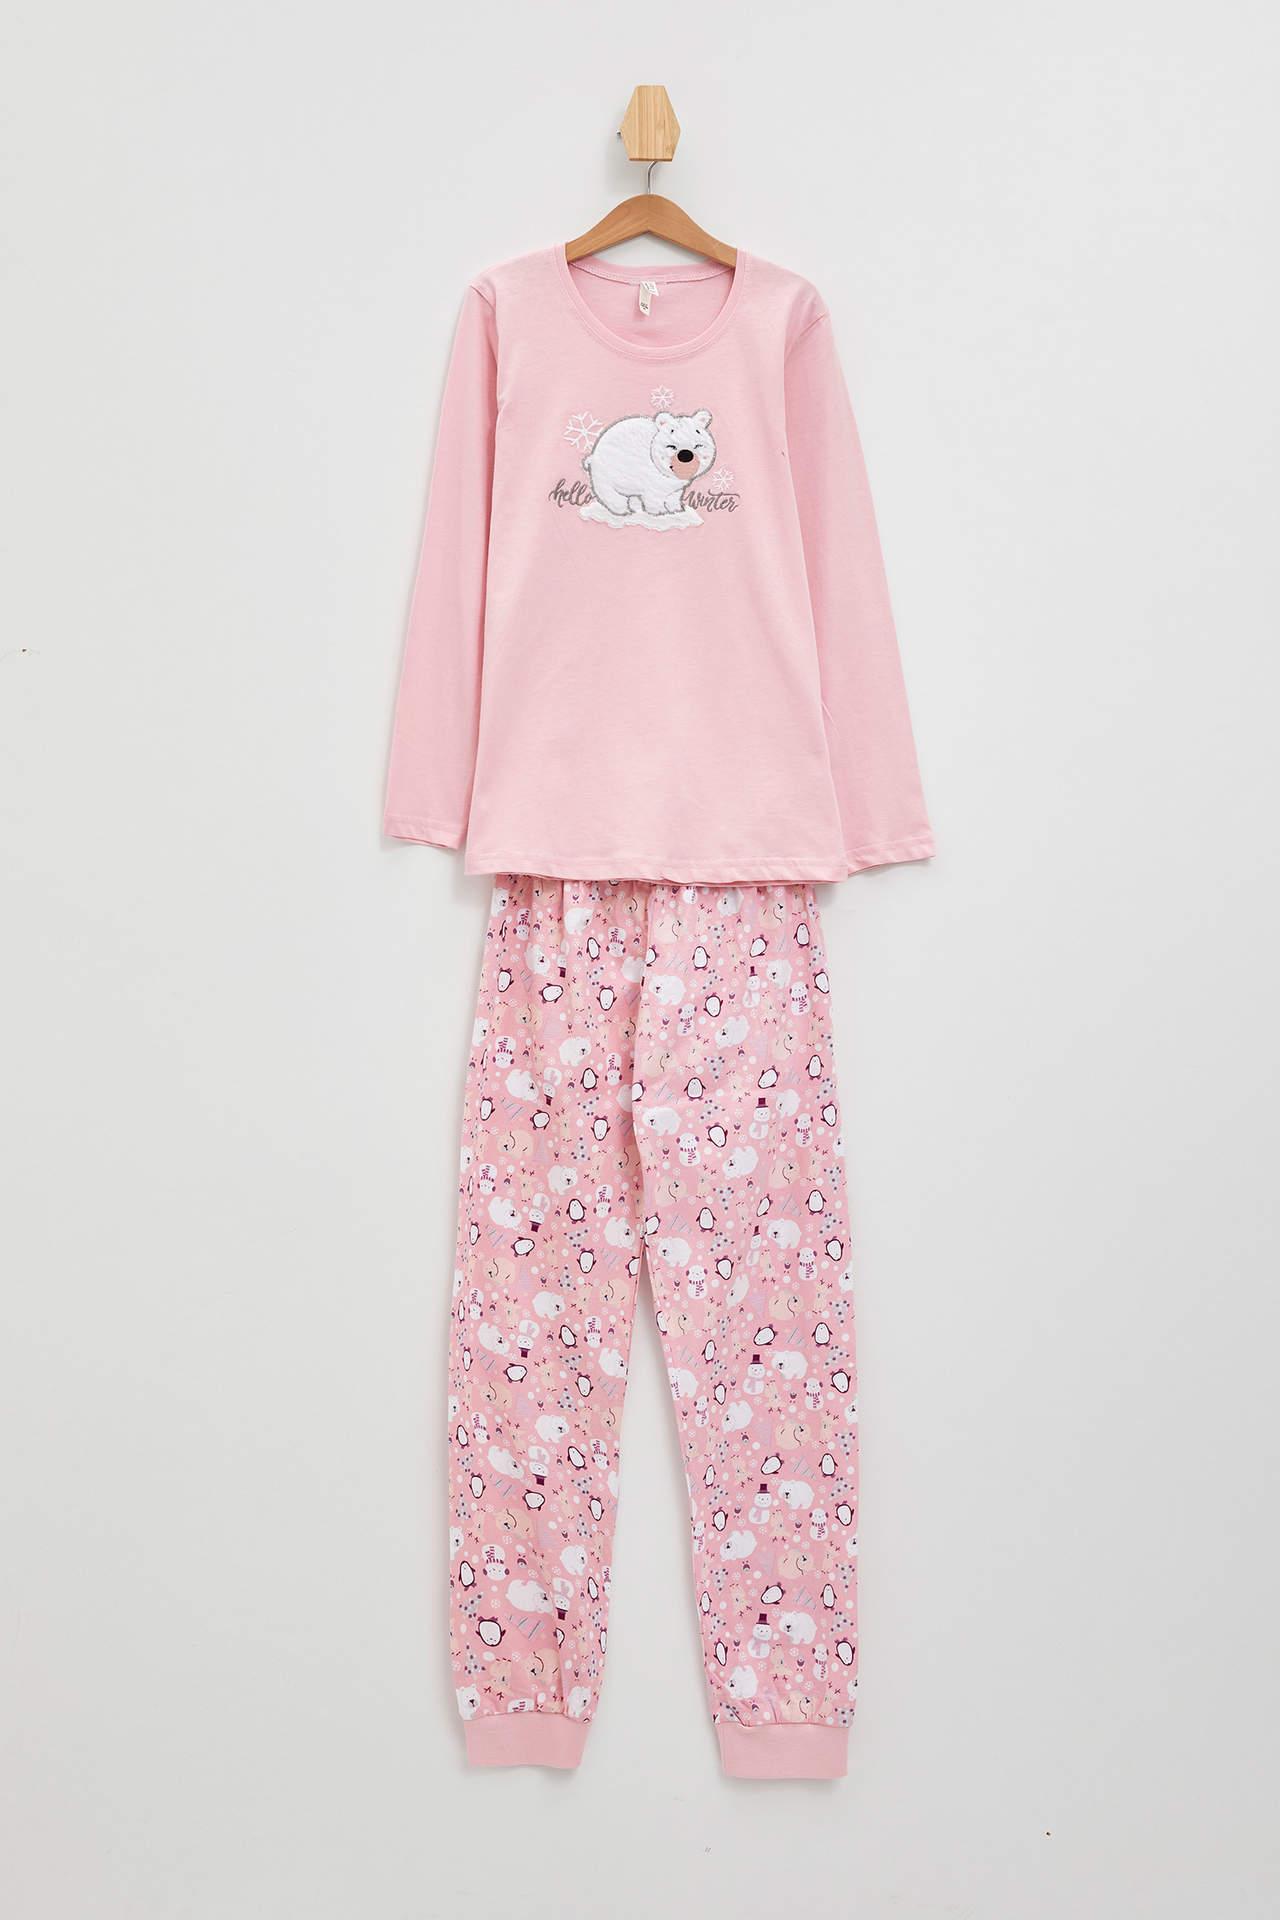 DeFacto Kız Çocuk Baskılı Örme Pijama Takımı Pembe female